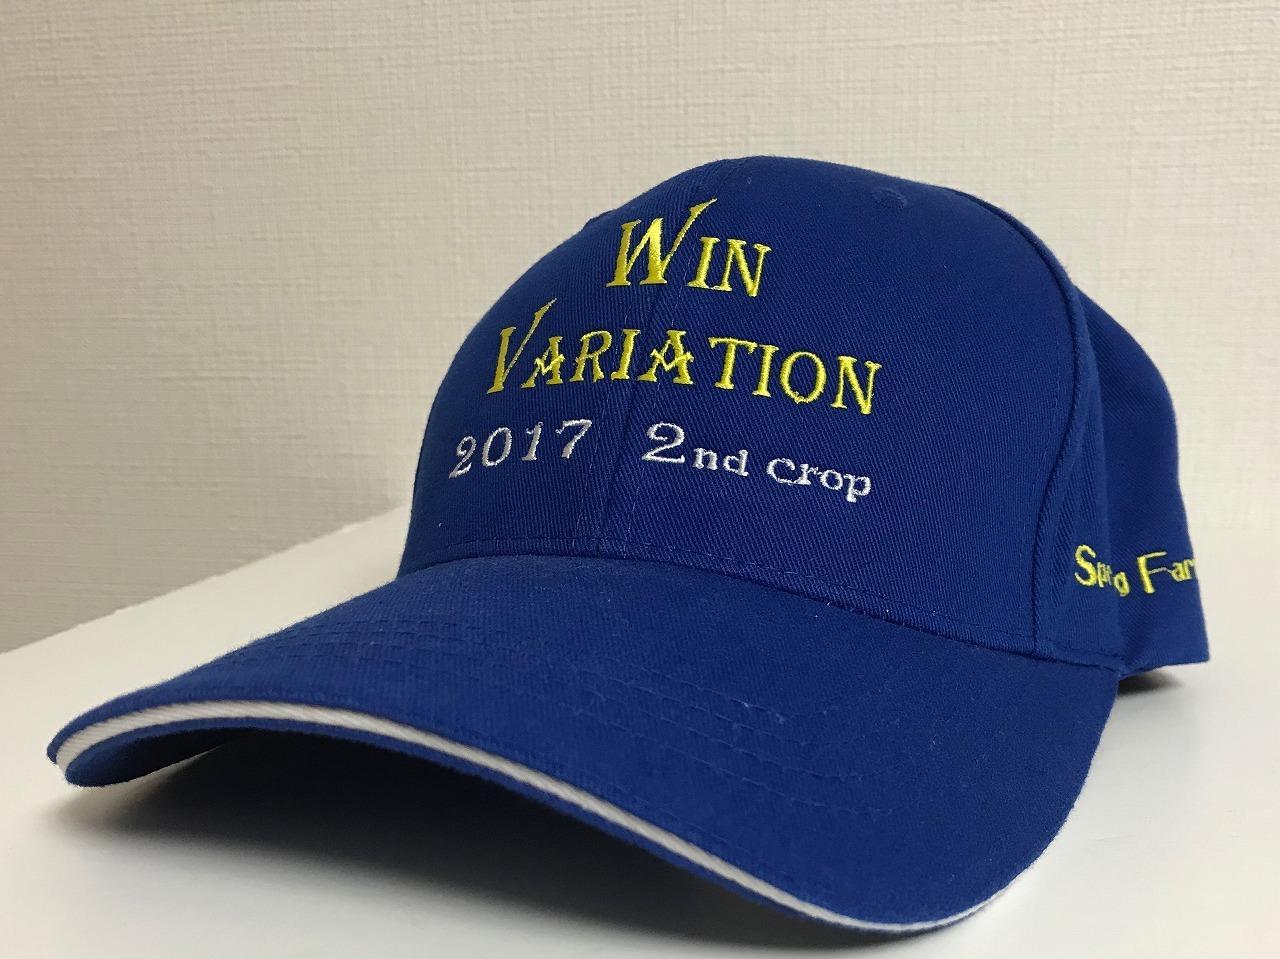 ウインバリアシオン号 2017 Year CAP